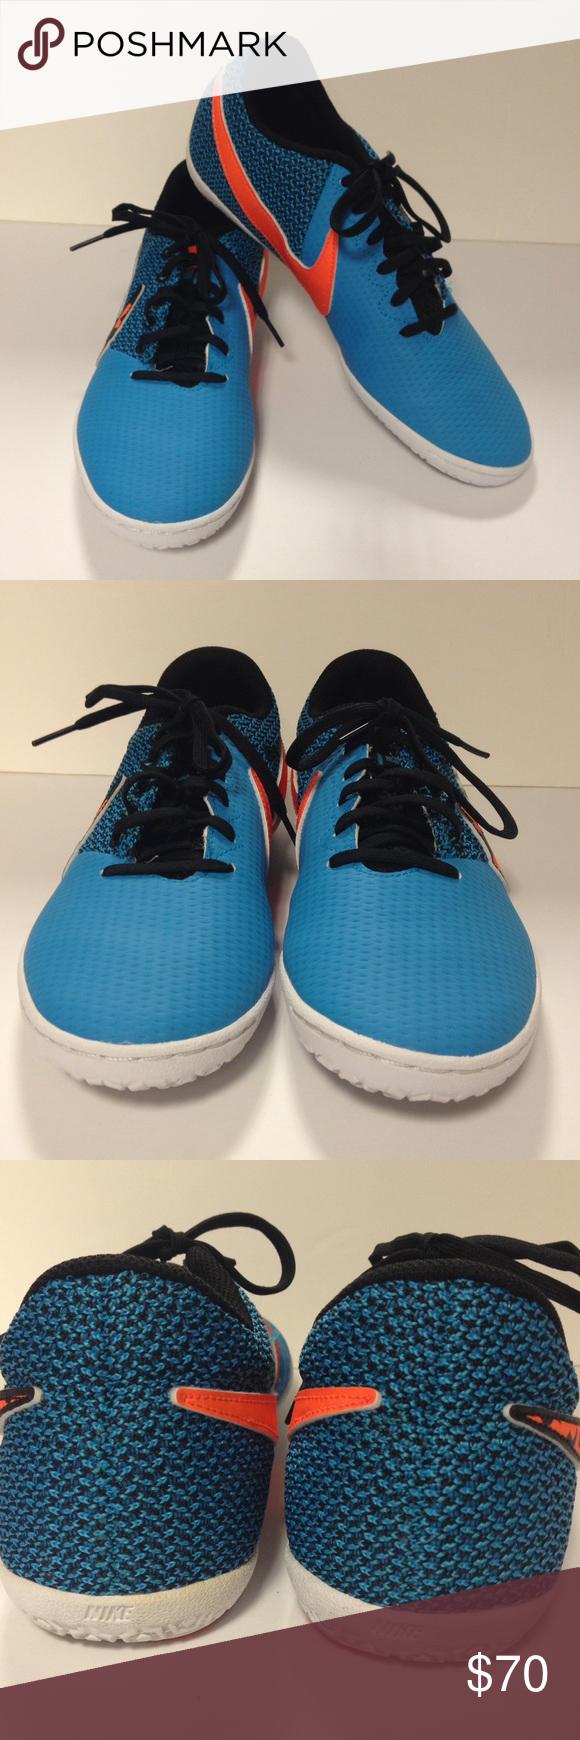 Nike elastico indossare vs adidas top sala indossare elastico 23ce5d